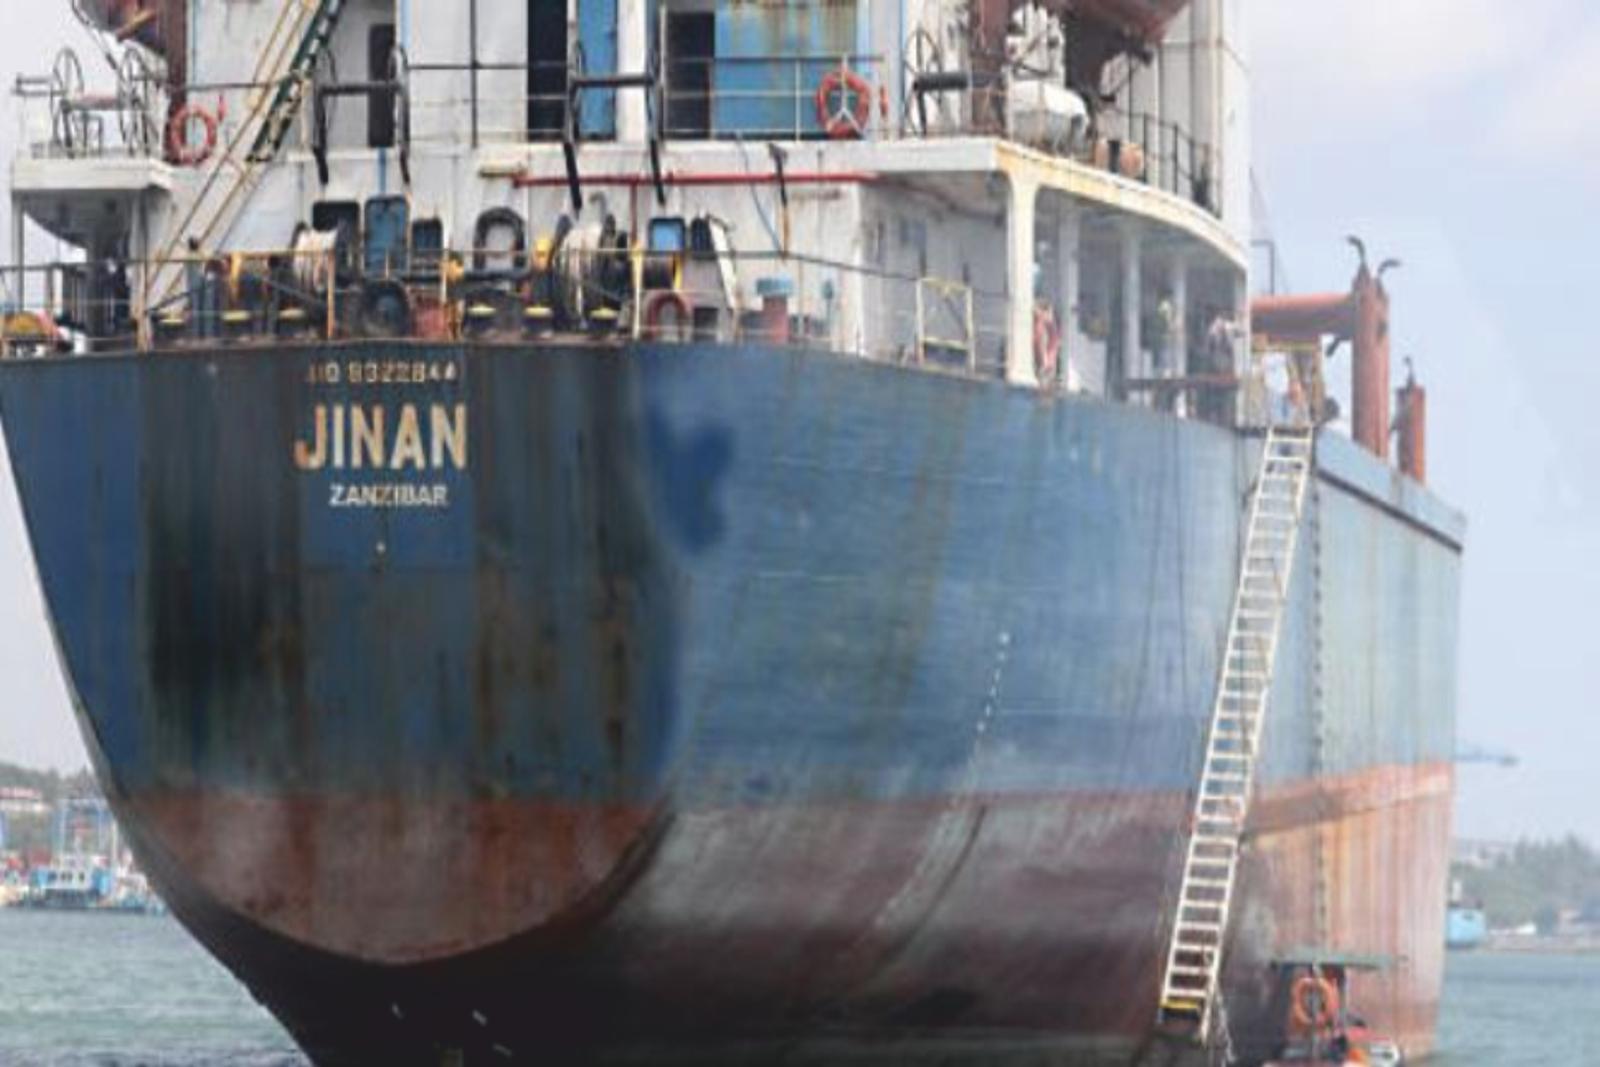 Membrii echipajului unei nave, abandonați în Kenya timp de 18 luni